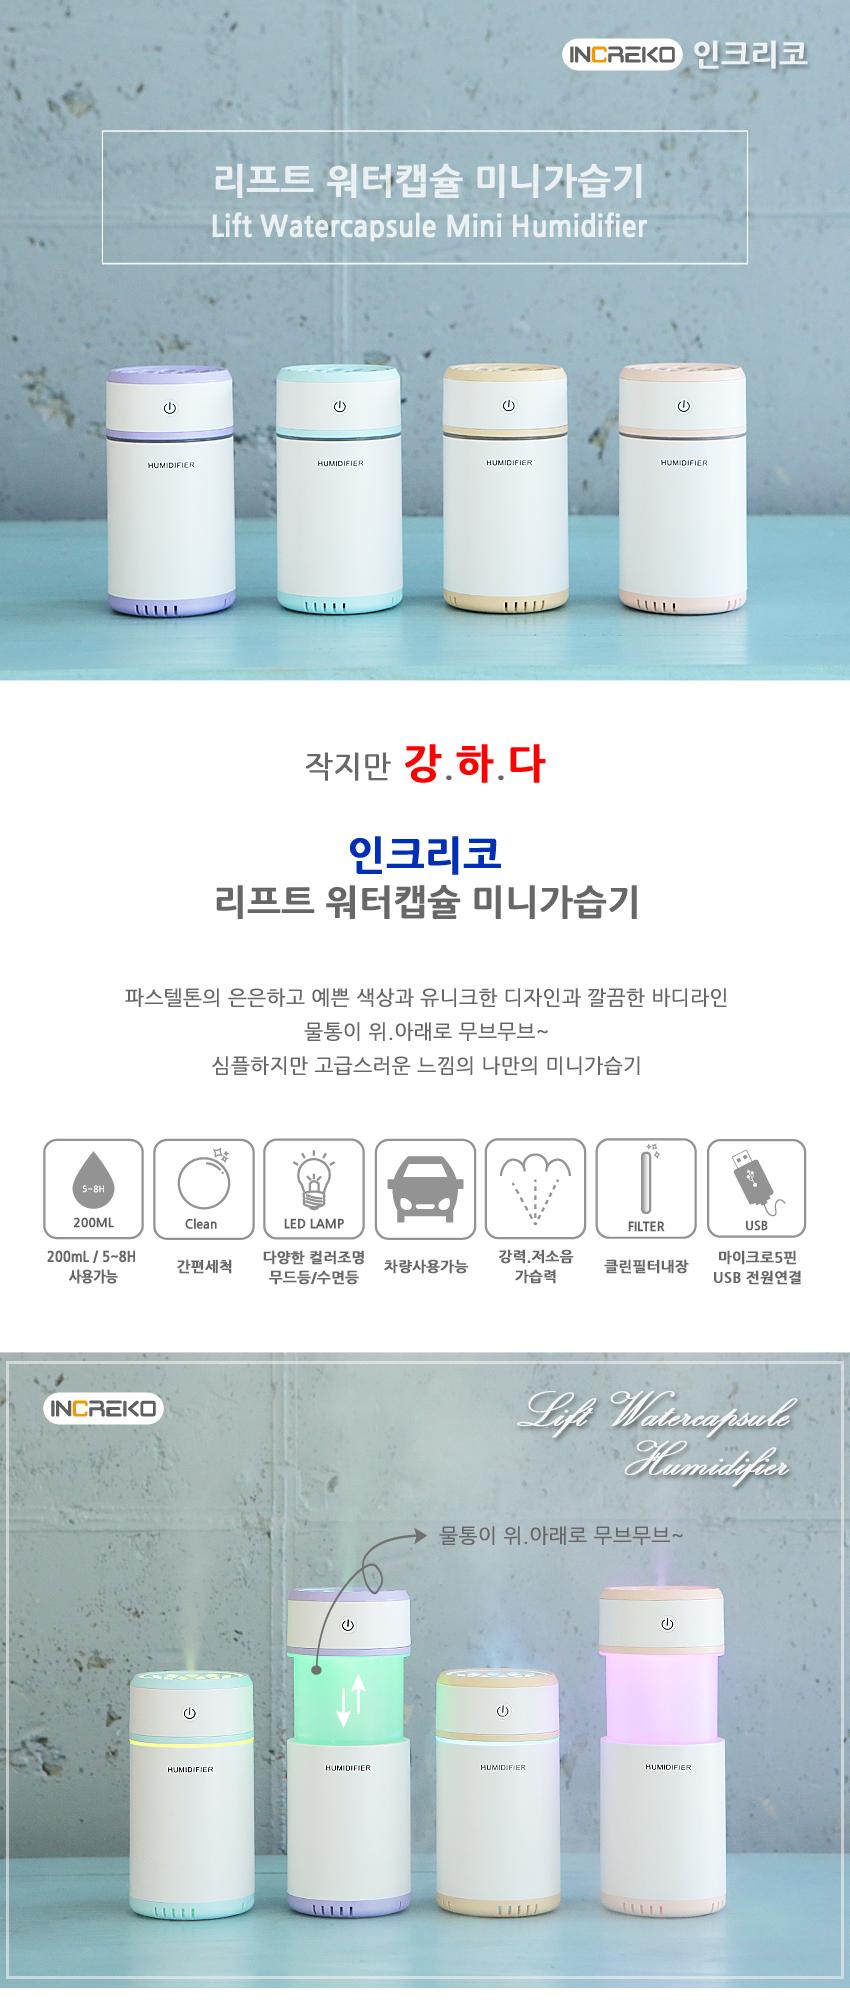 리프트 워터캡슐 미니가습기(바이올렛) 휴대용 차량용 - 알사탕닷컴, 16,000원, USB 계절가전, 가습기